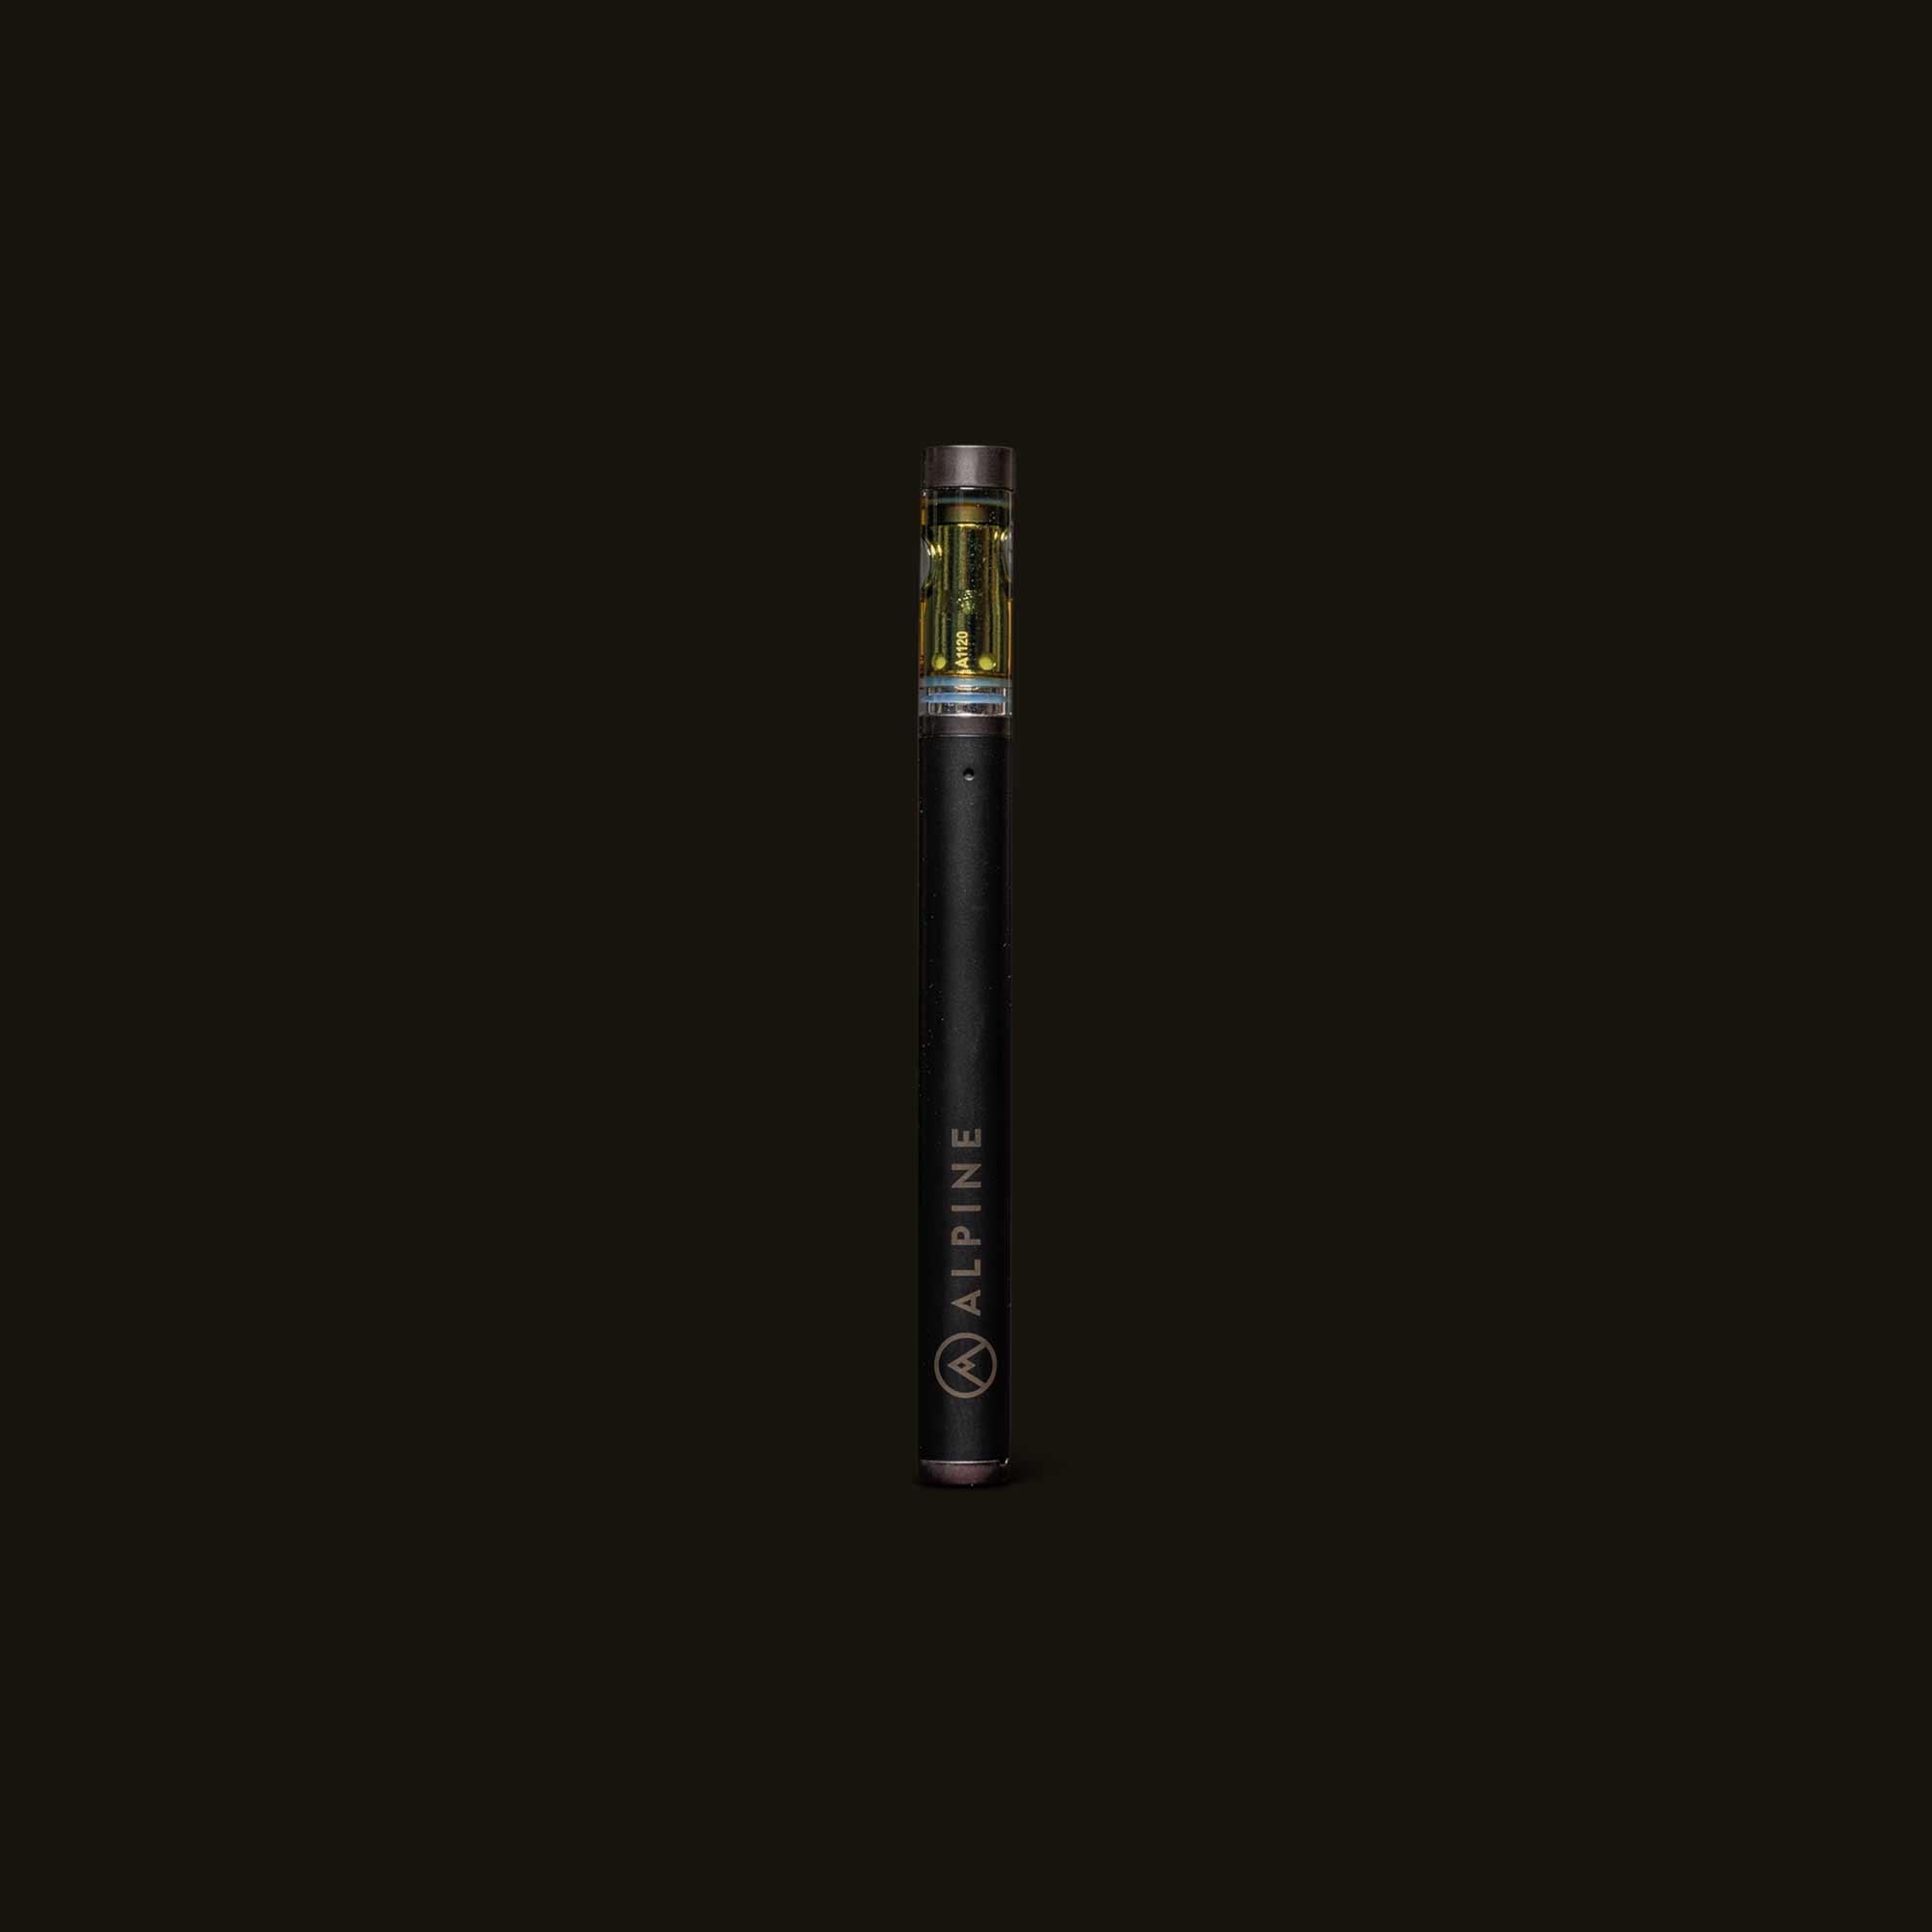 Alpine Vapor OG Kush Disposable Vapor Pen